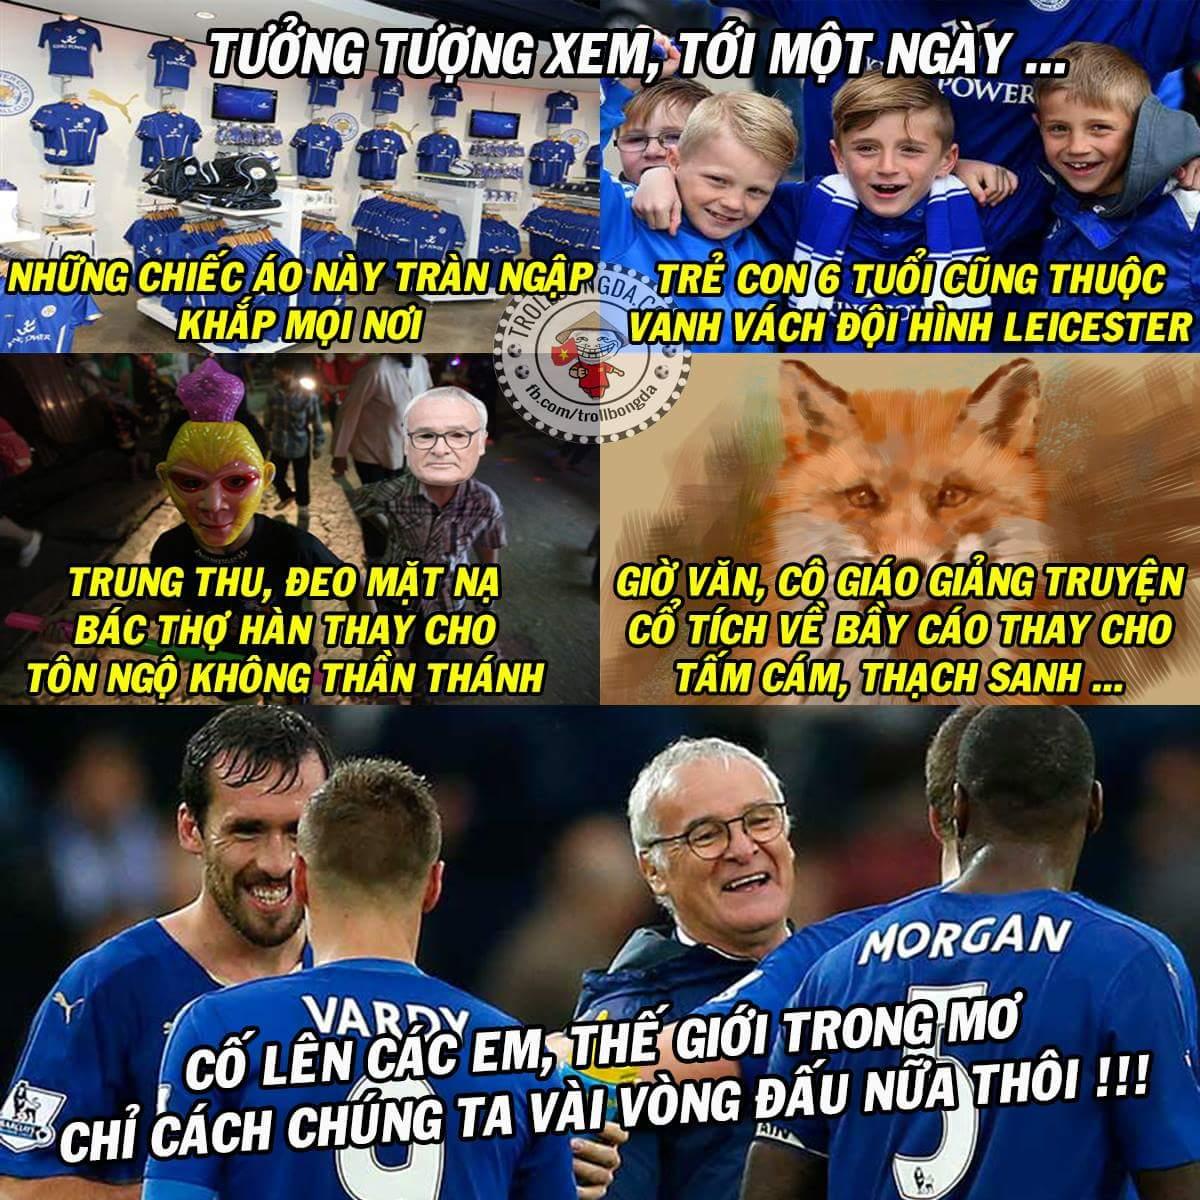 Tự hào là fan Leicester suốt 10 năm .... ẩn trong vỏ bọc fan đại gia khác. :v ...